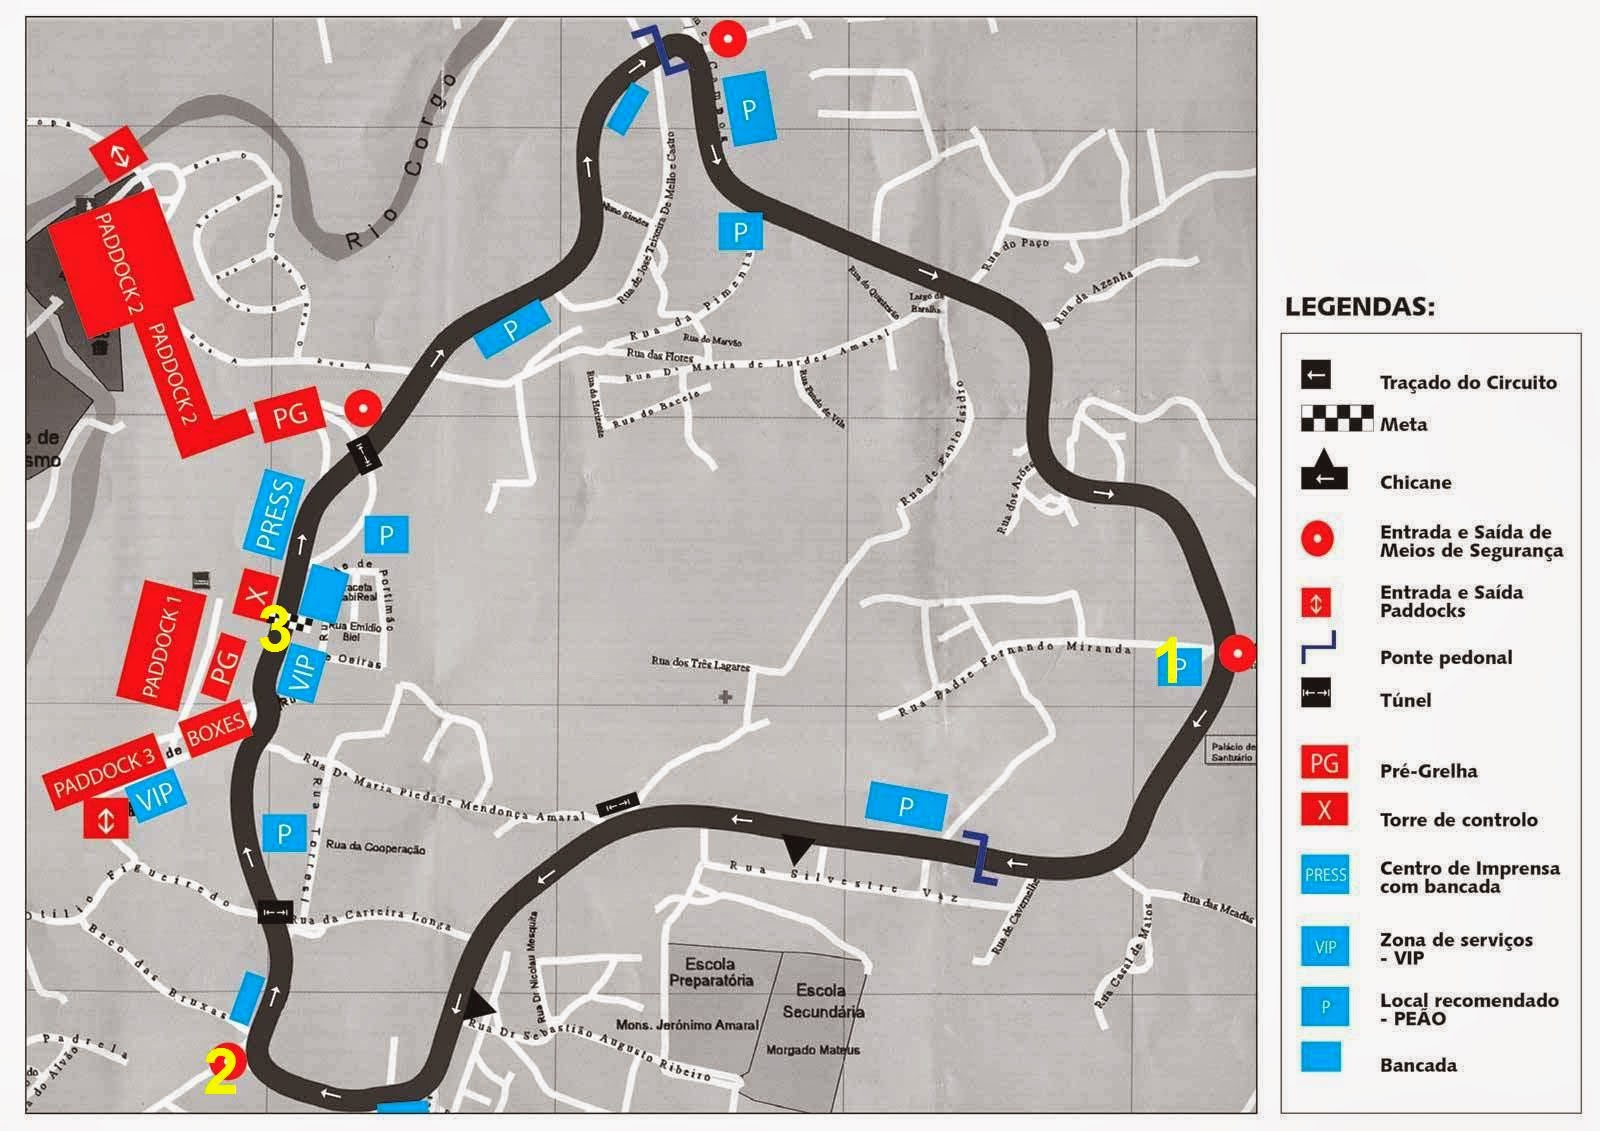 Circuito Vila Real : Chicane corridas de vila real os pontos chave do circuito